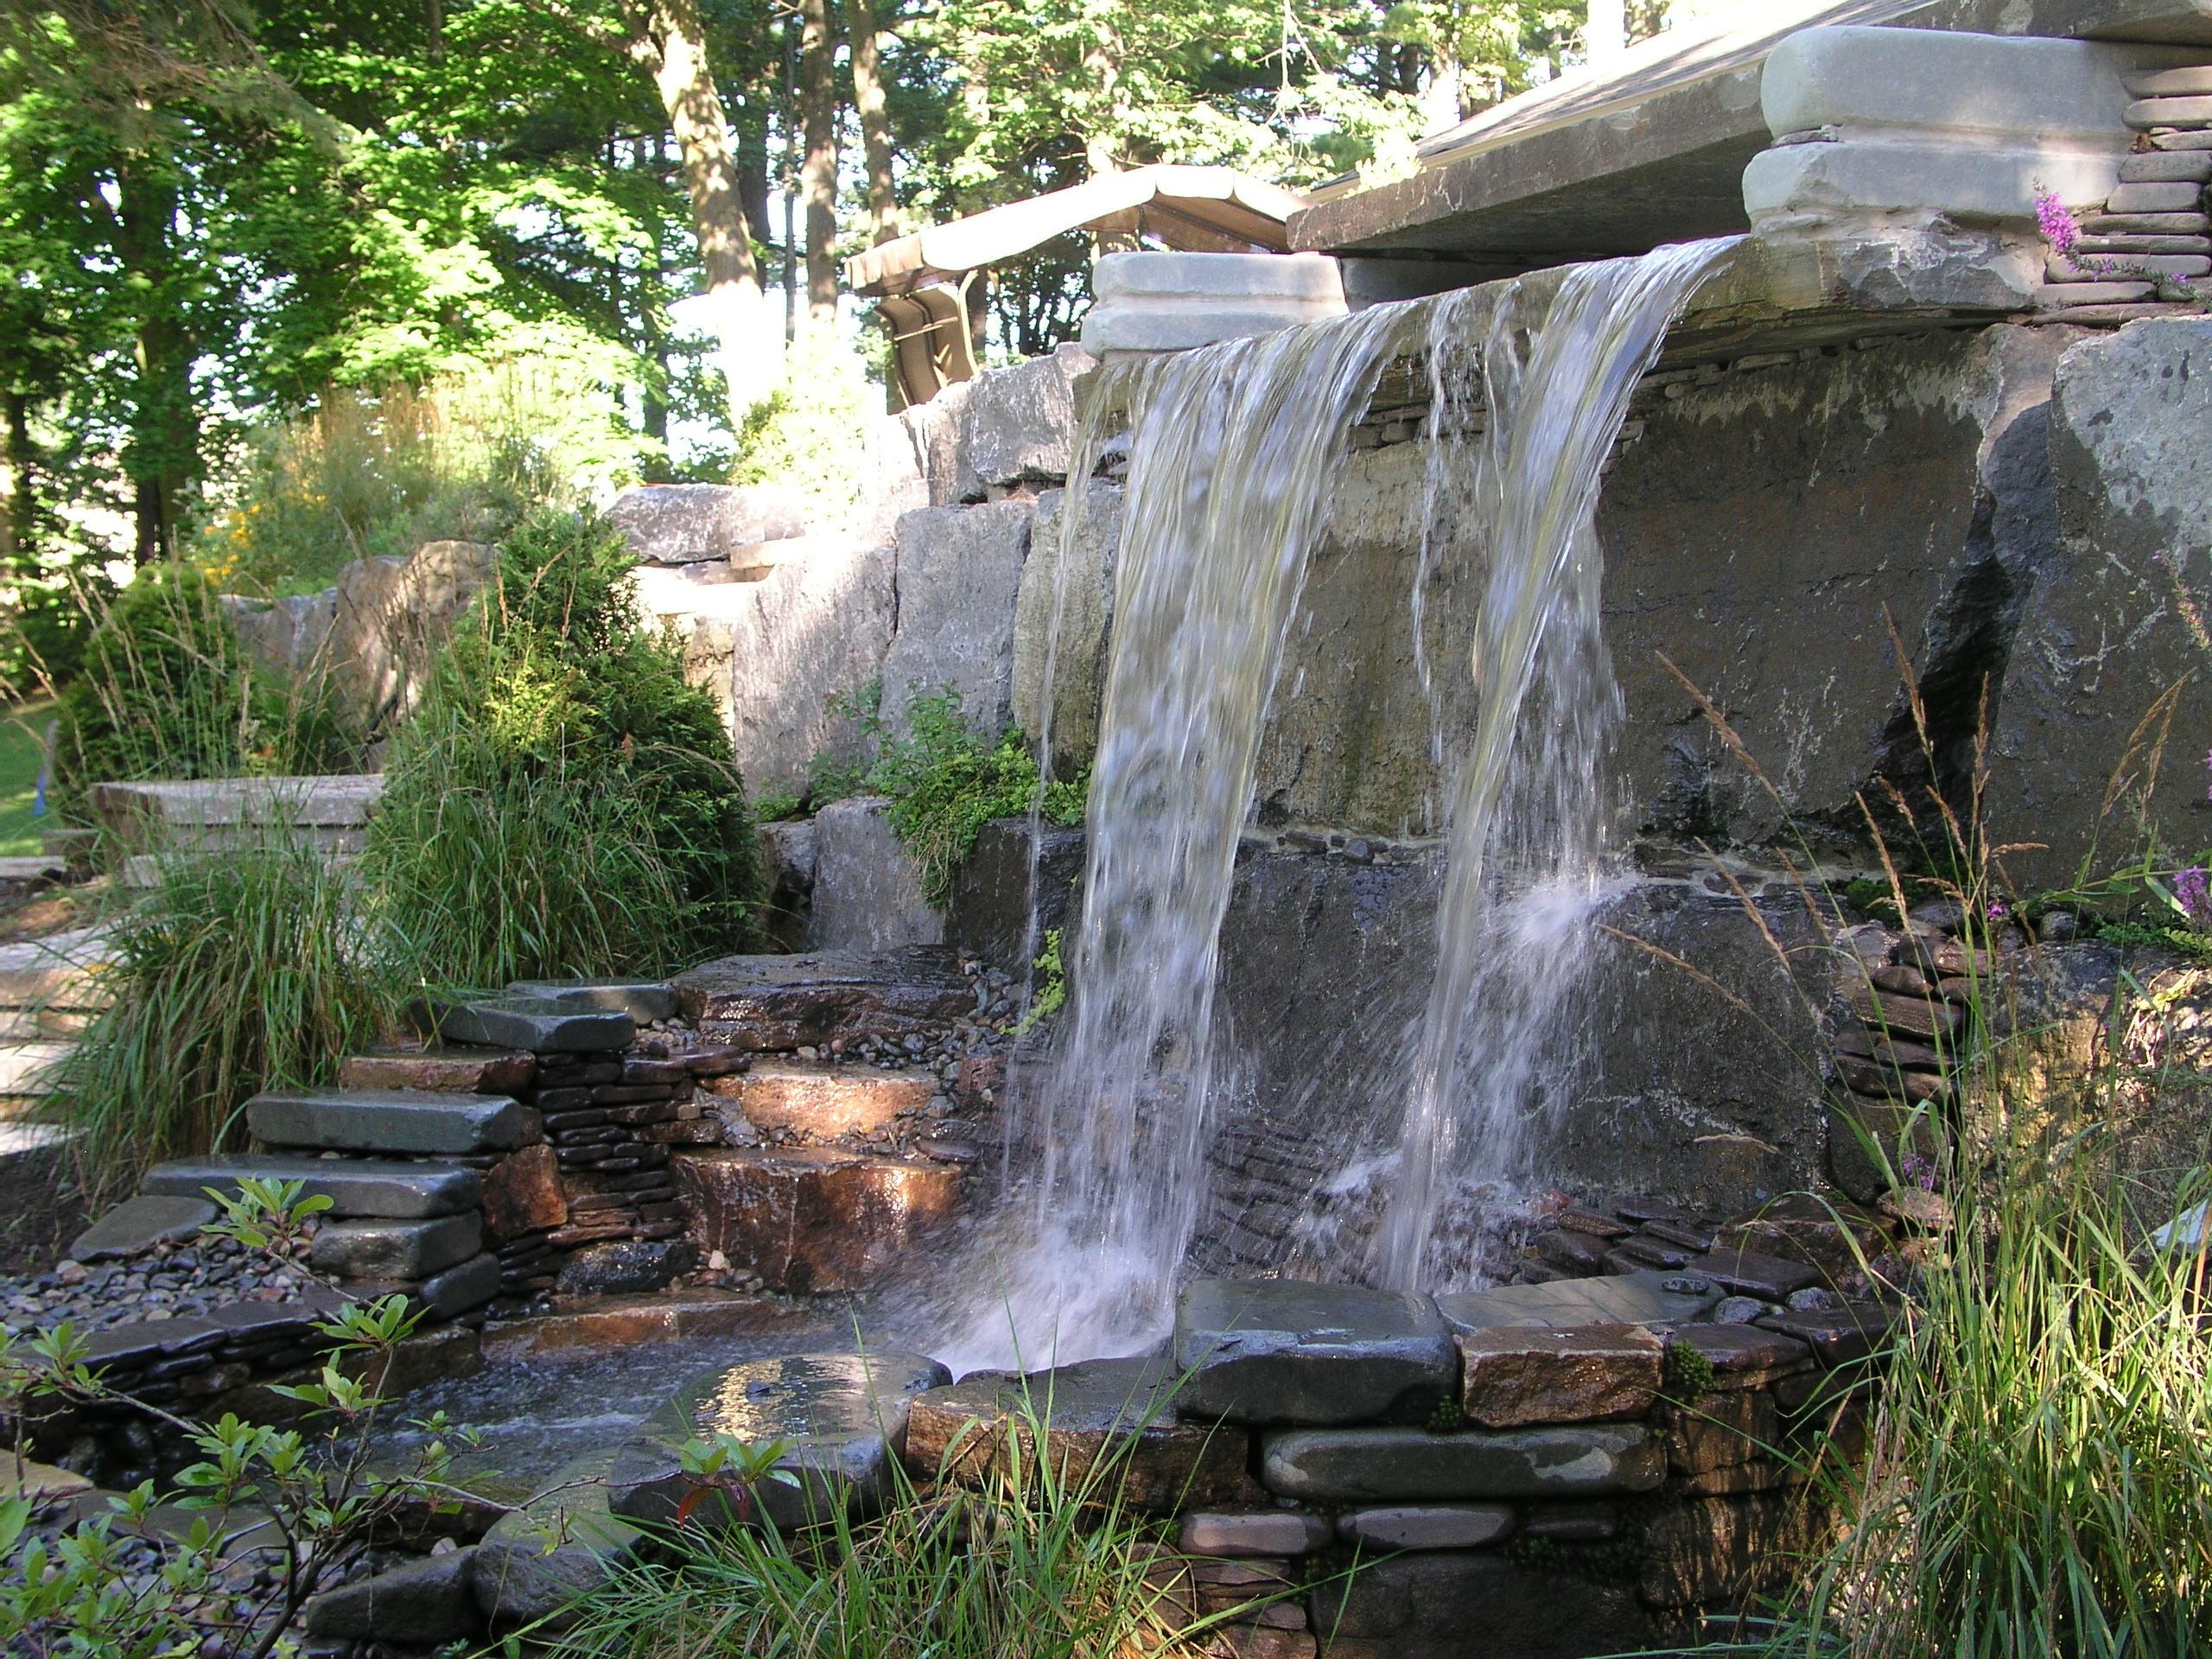 Projet Aménagement Paysager | Jardin D'eau | Maxhorti tout Chute D Eau Bassin De Jardin